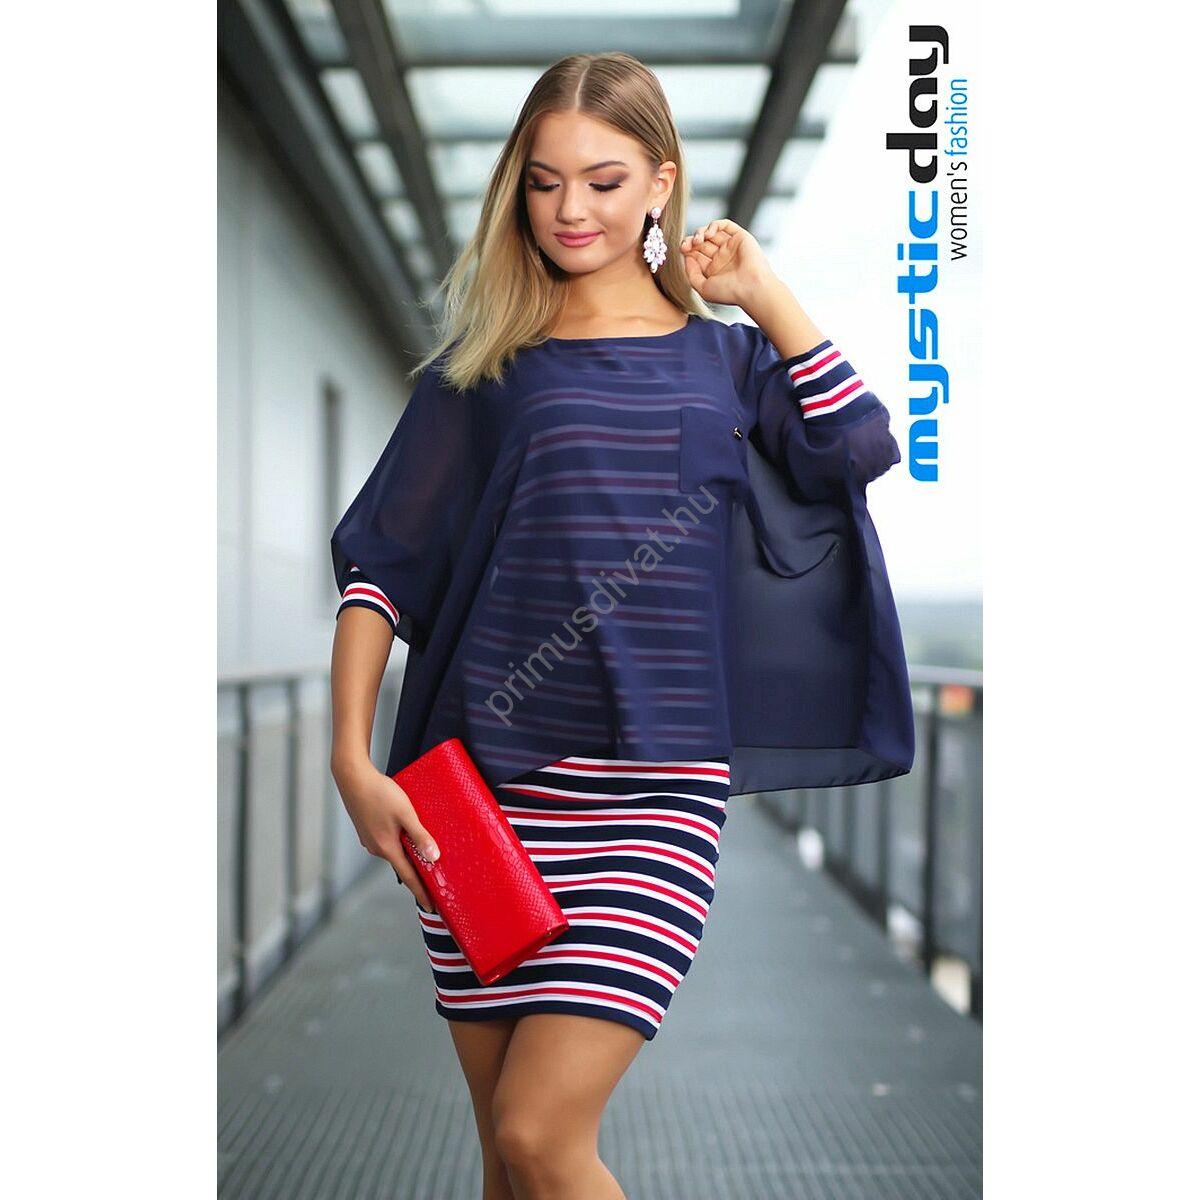 Mystic Day piros-fehér-kék tengerészcsíkos ujjatlan szűk rugalmas miniruha 9829f2cf89